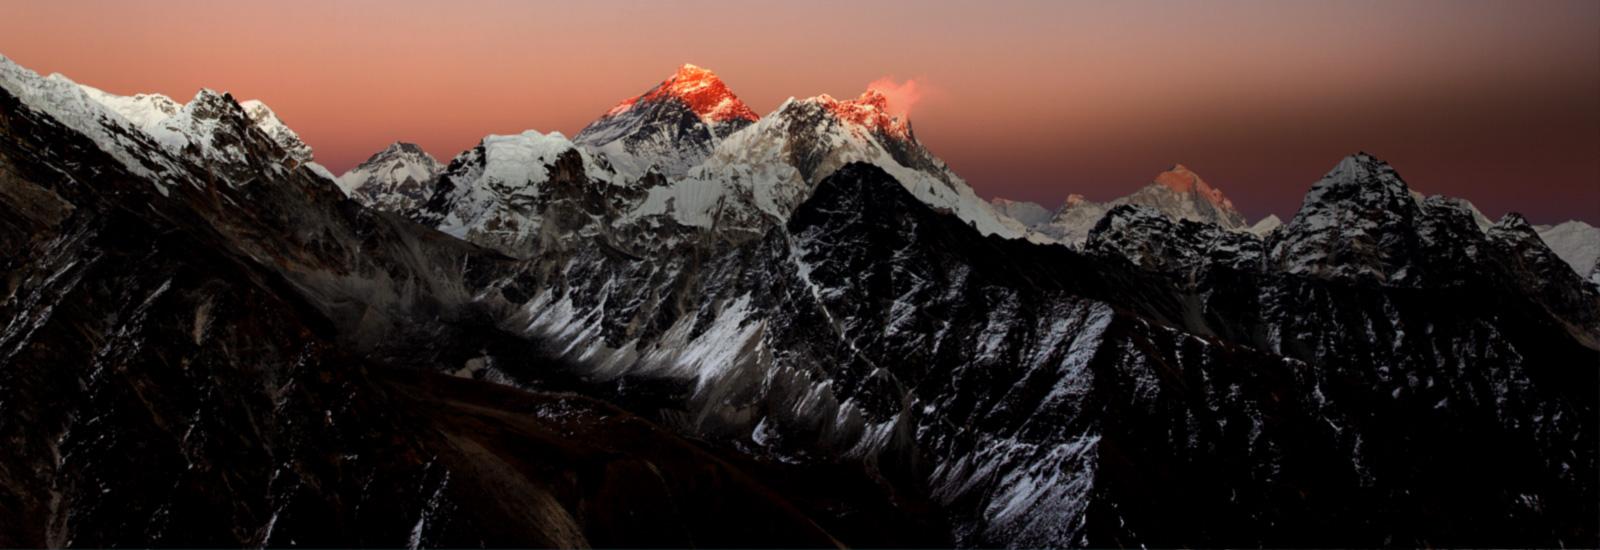 Himalayan Experience